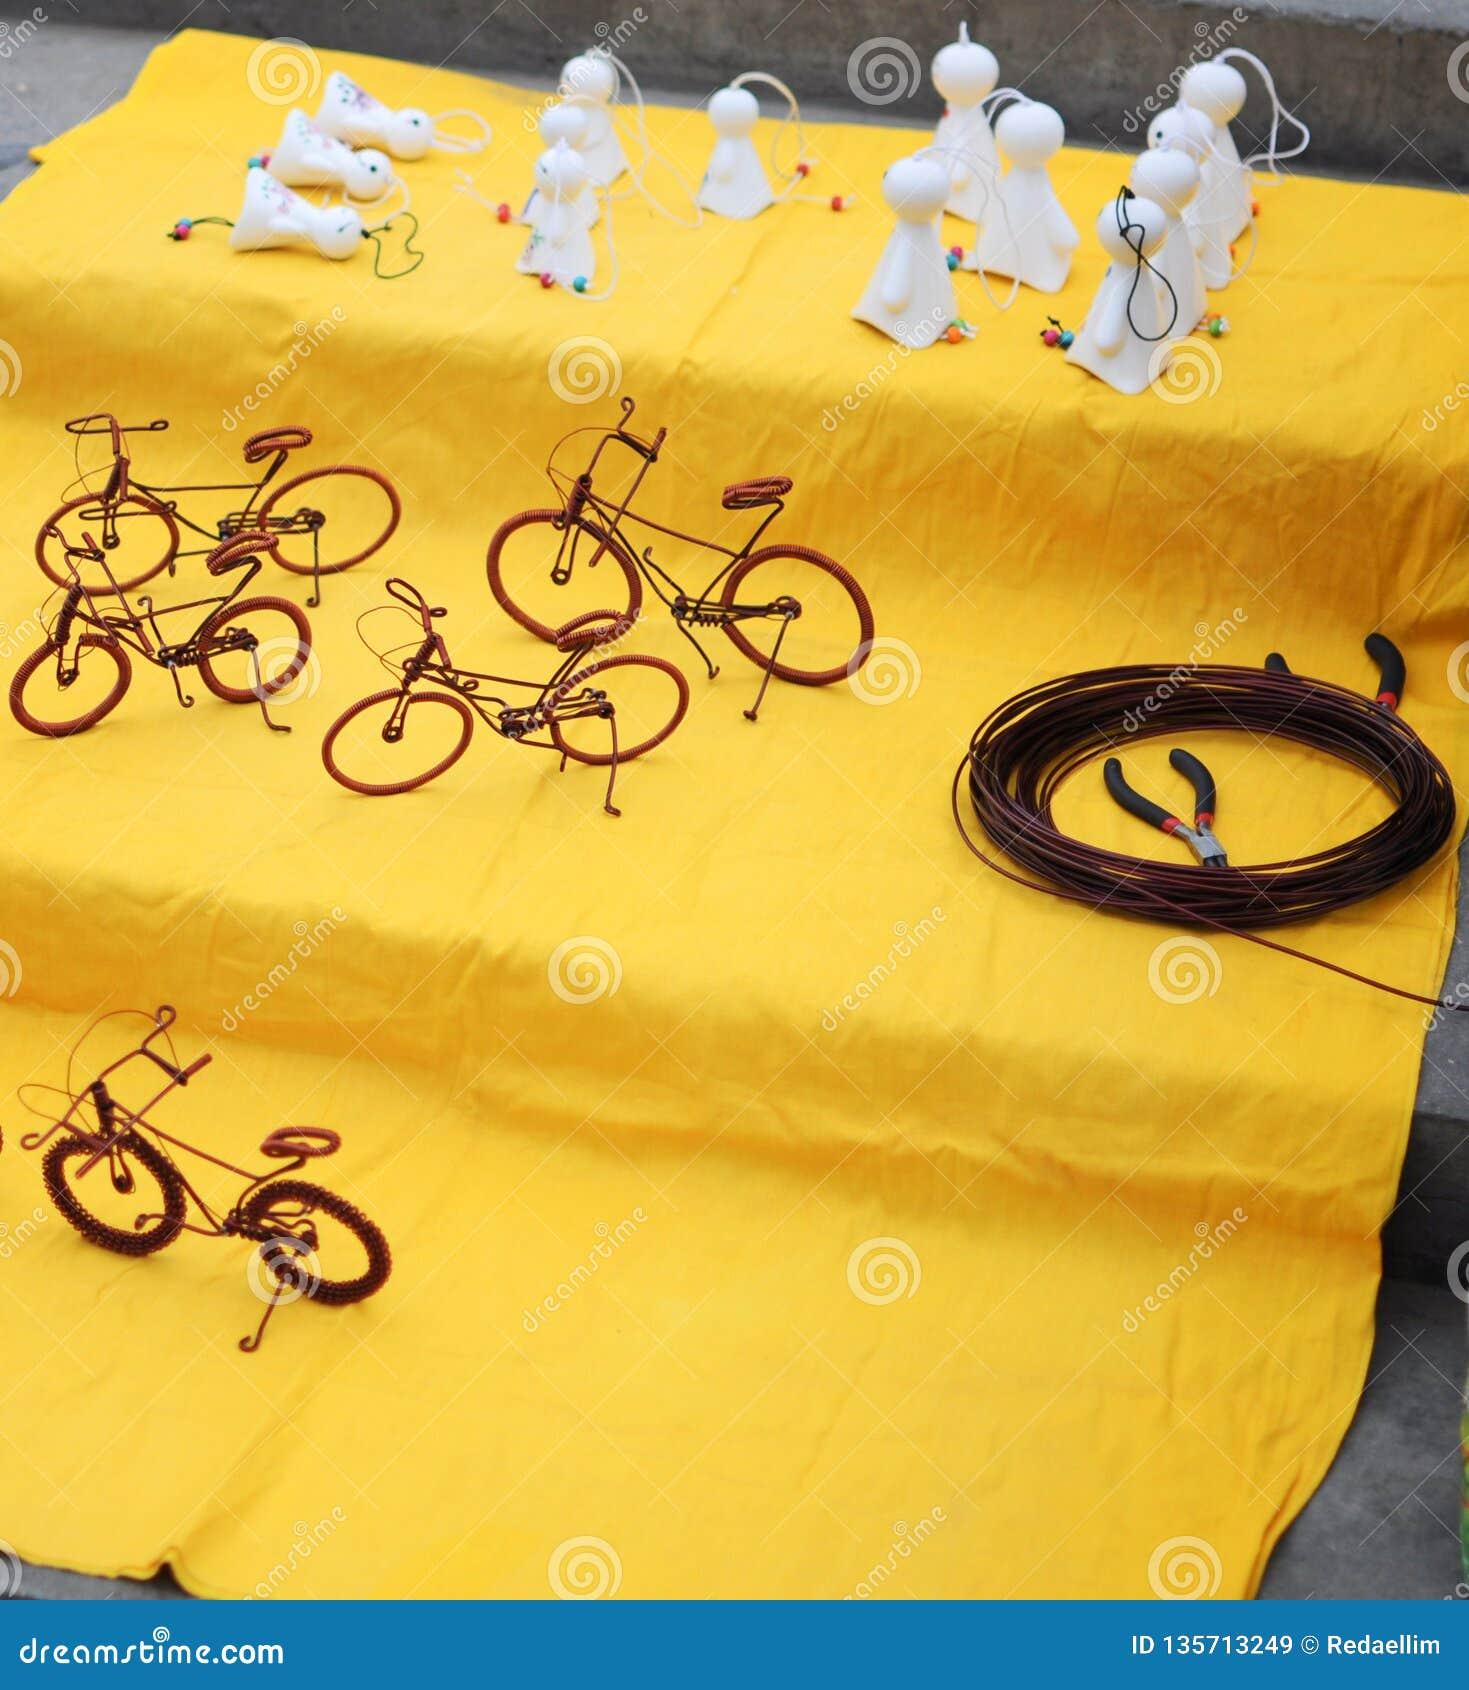 街道艺术:用导线和小的鬼魂做的自行车